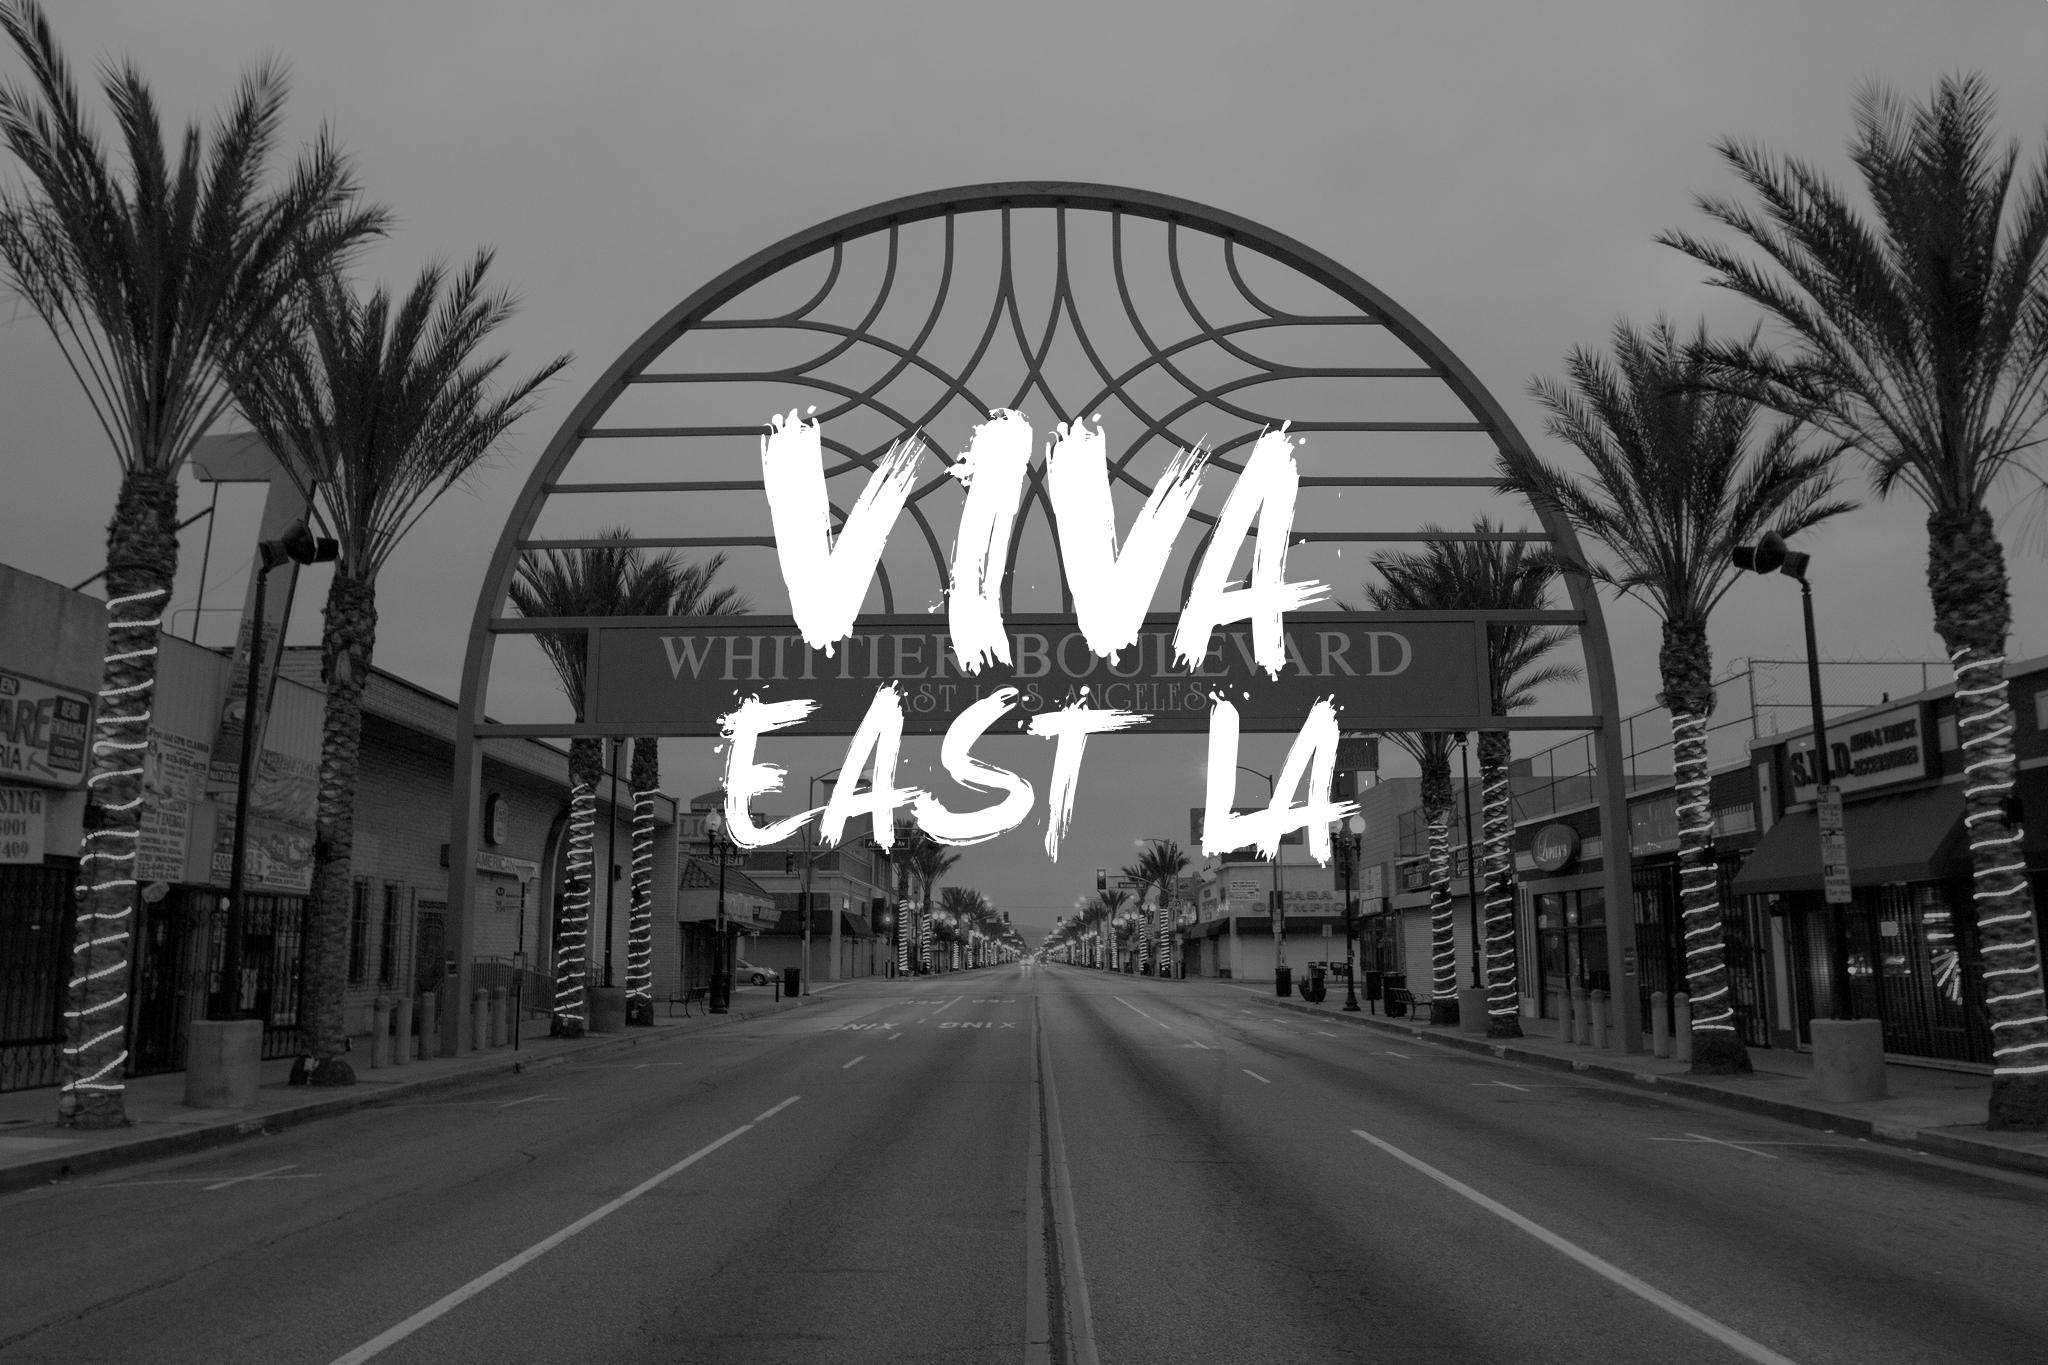 east-la-whittier-boulevard-steve-saldivar-2.jpg